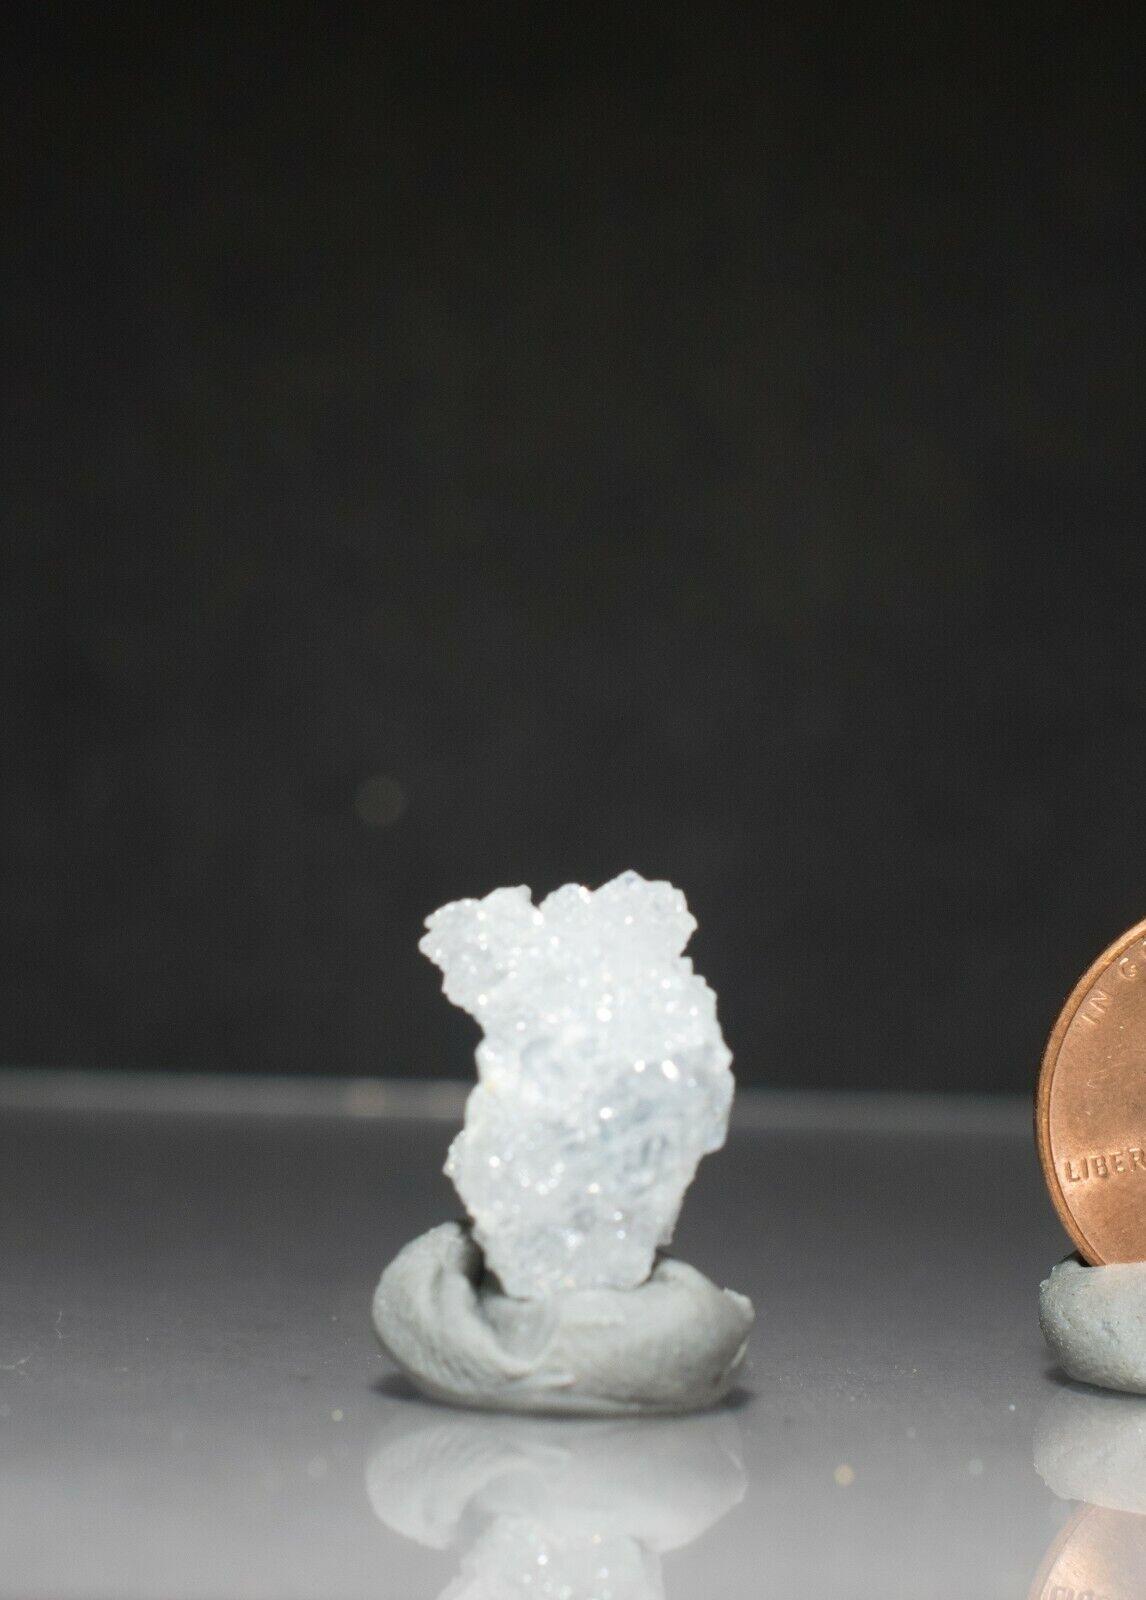 Zincite Crystal Cluster Mineral Specimen - $18.00